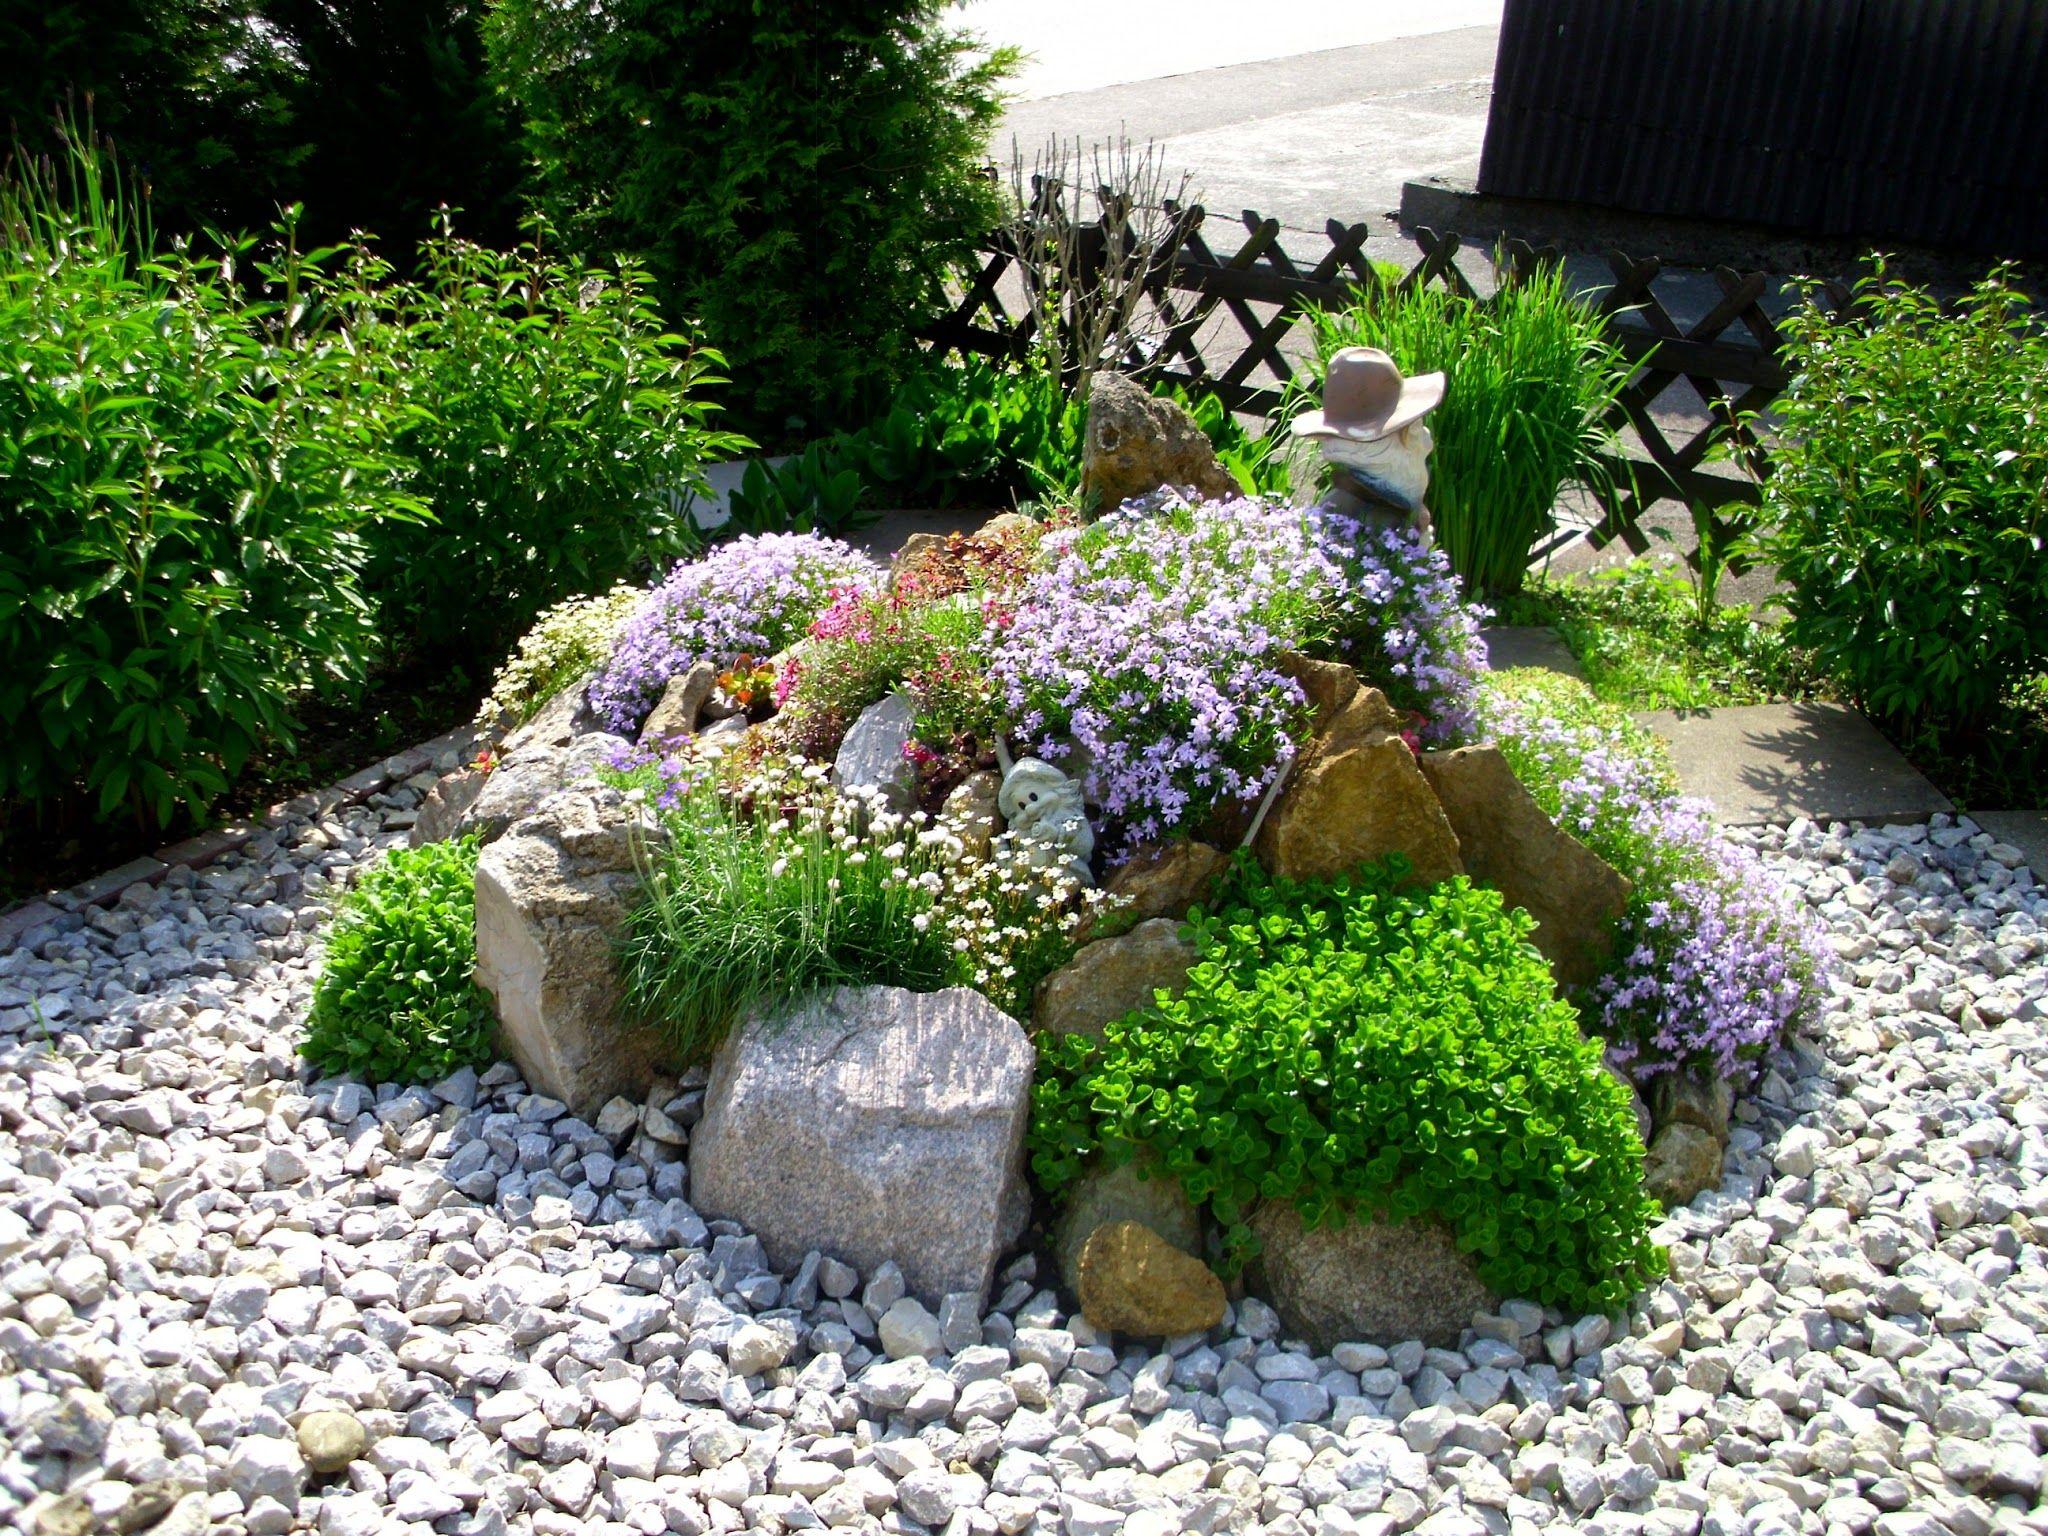 Rock garden idea | Backyard garden design, Backyard garden ... on Small Garden Ideas With Rocks id=51461